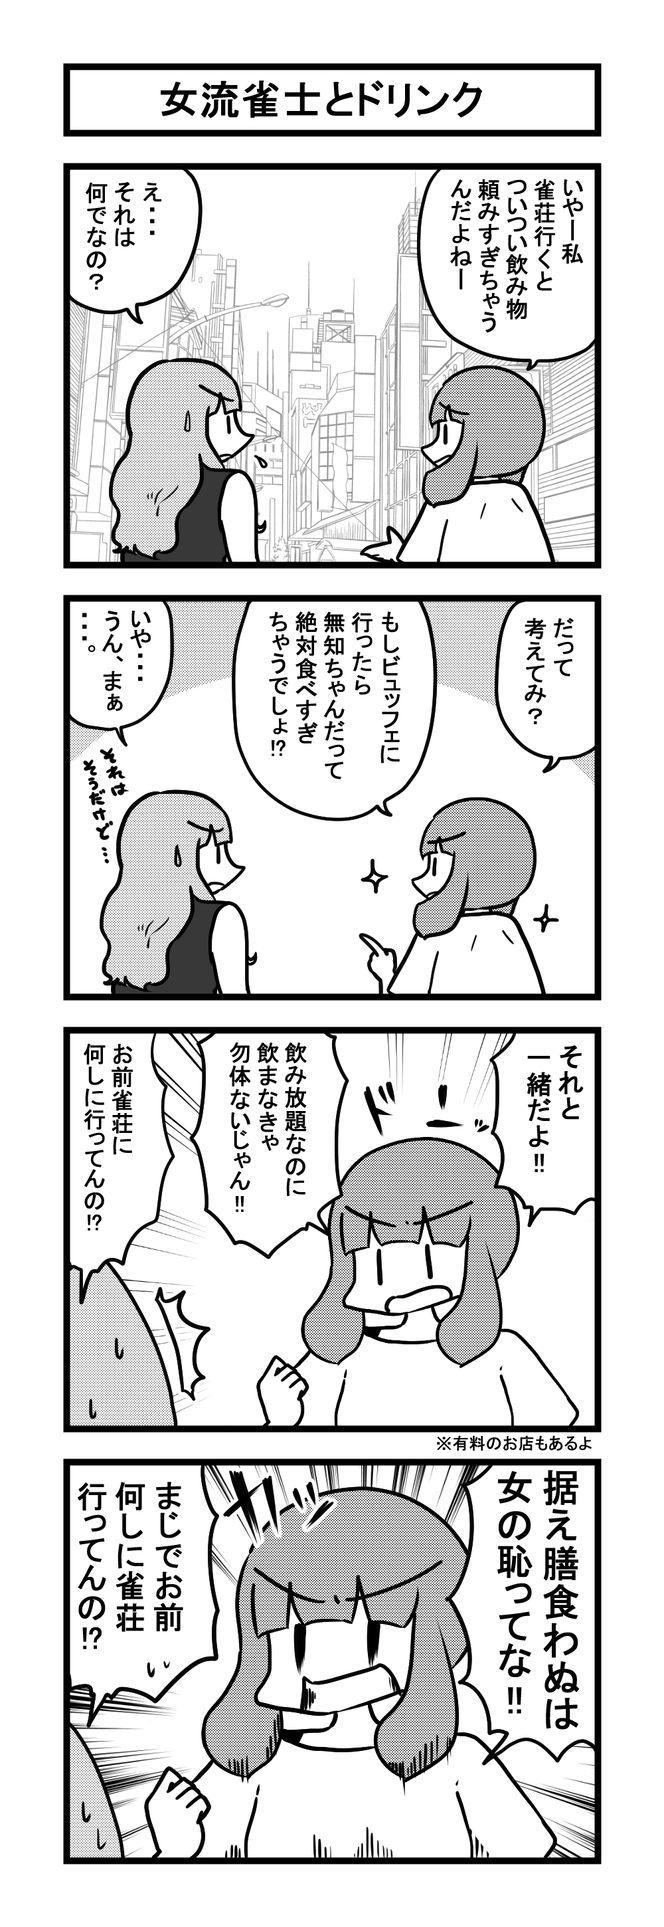 799女流雀士とドリンク (1)